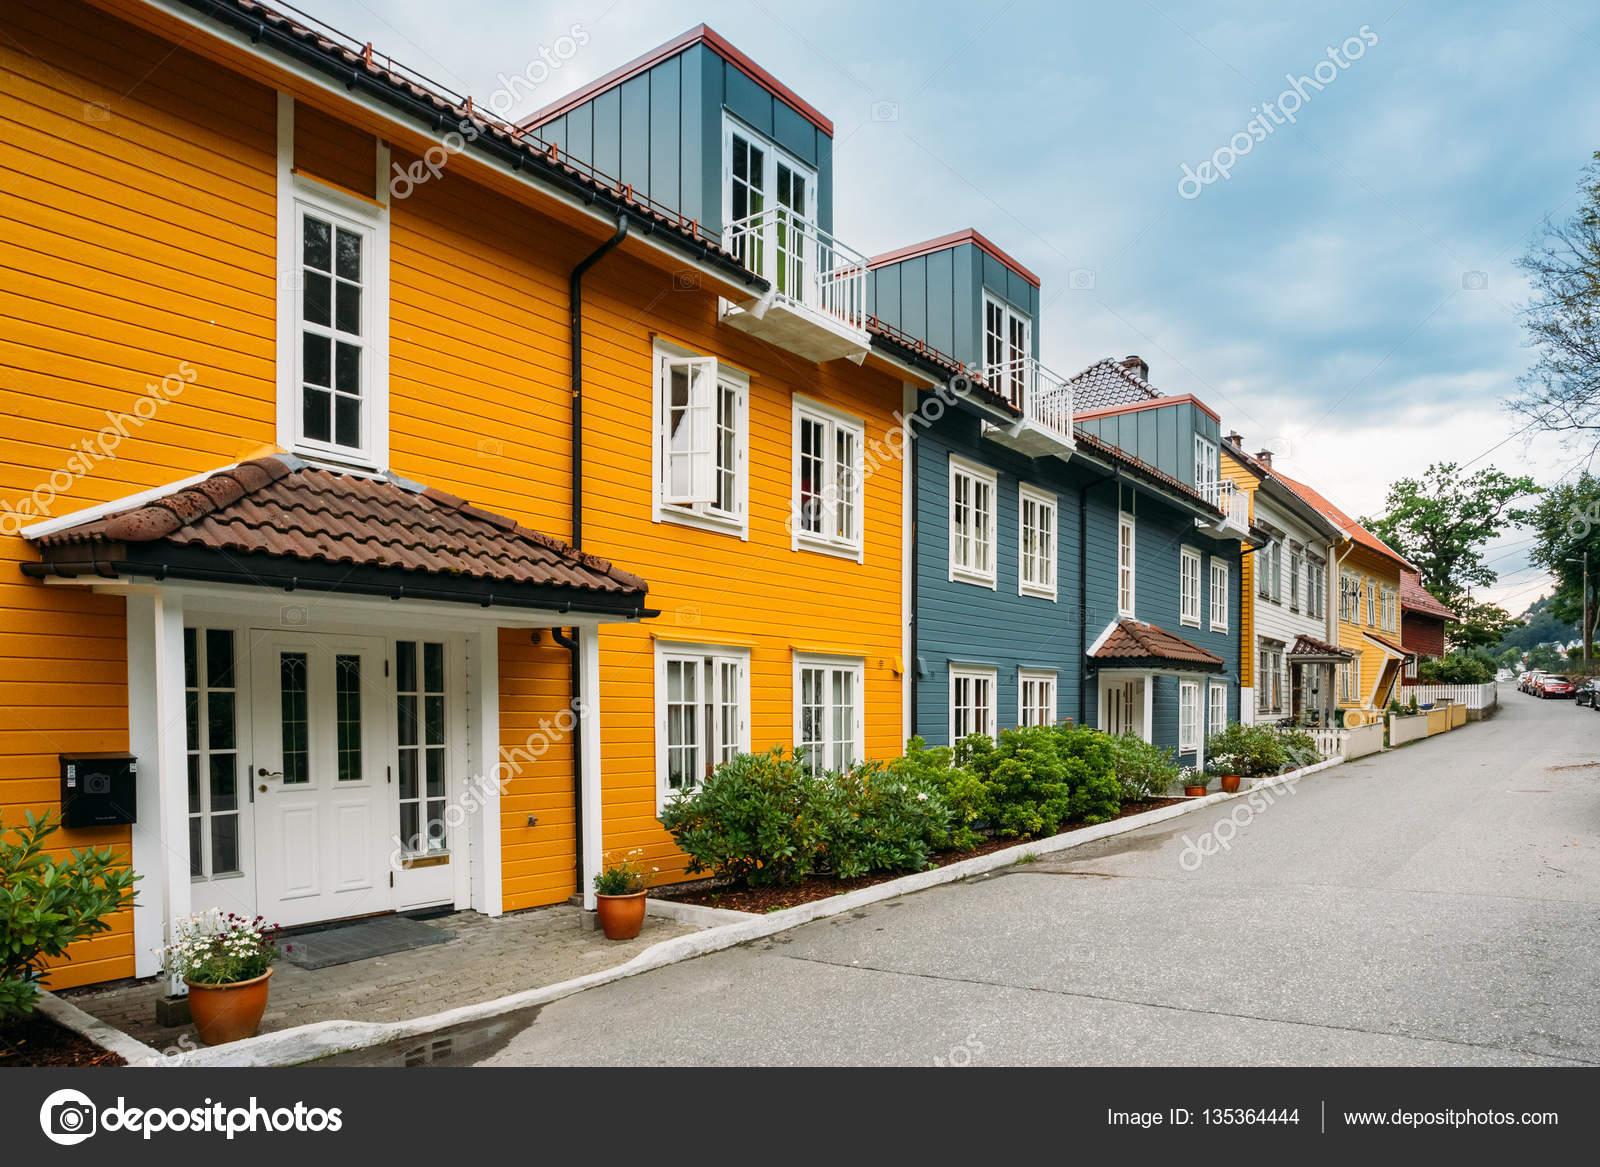 Bergen noruega colores fachadas de casas en la calle for Casas en noruega